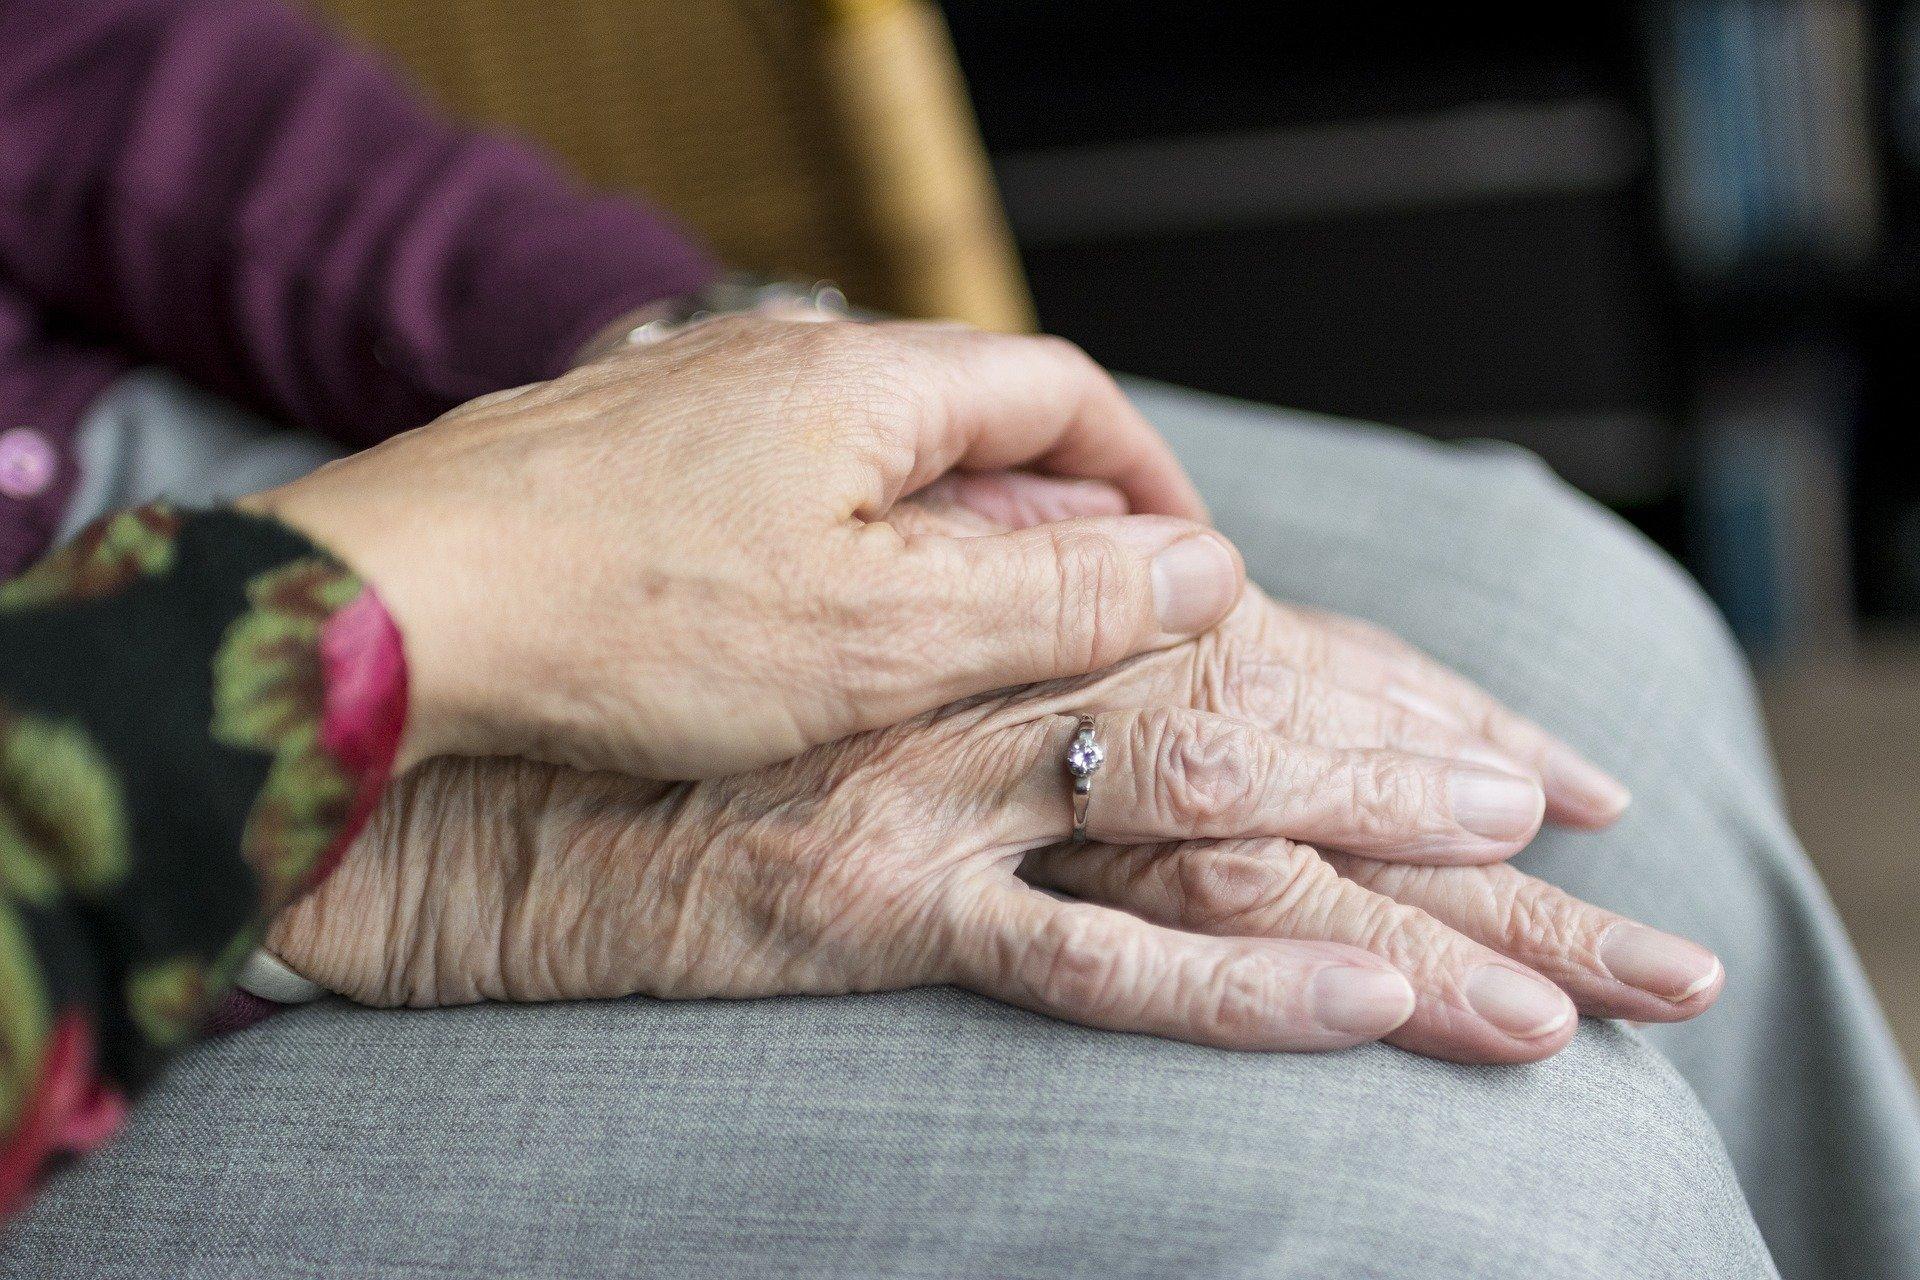 Doença de Alzheimer: o que é, sintomas e tratamento